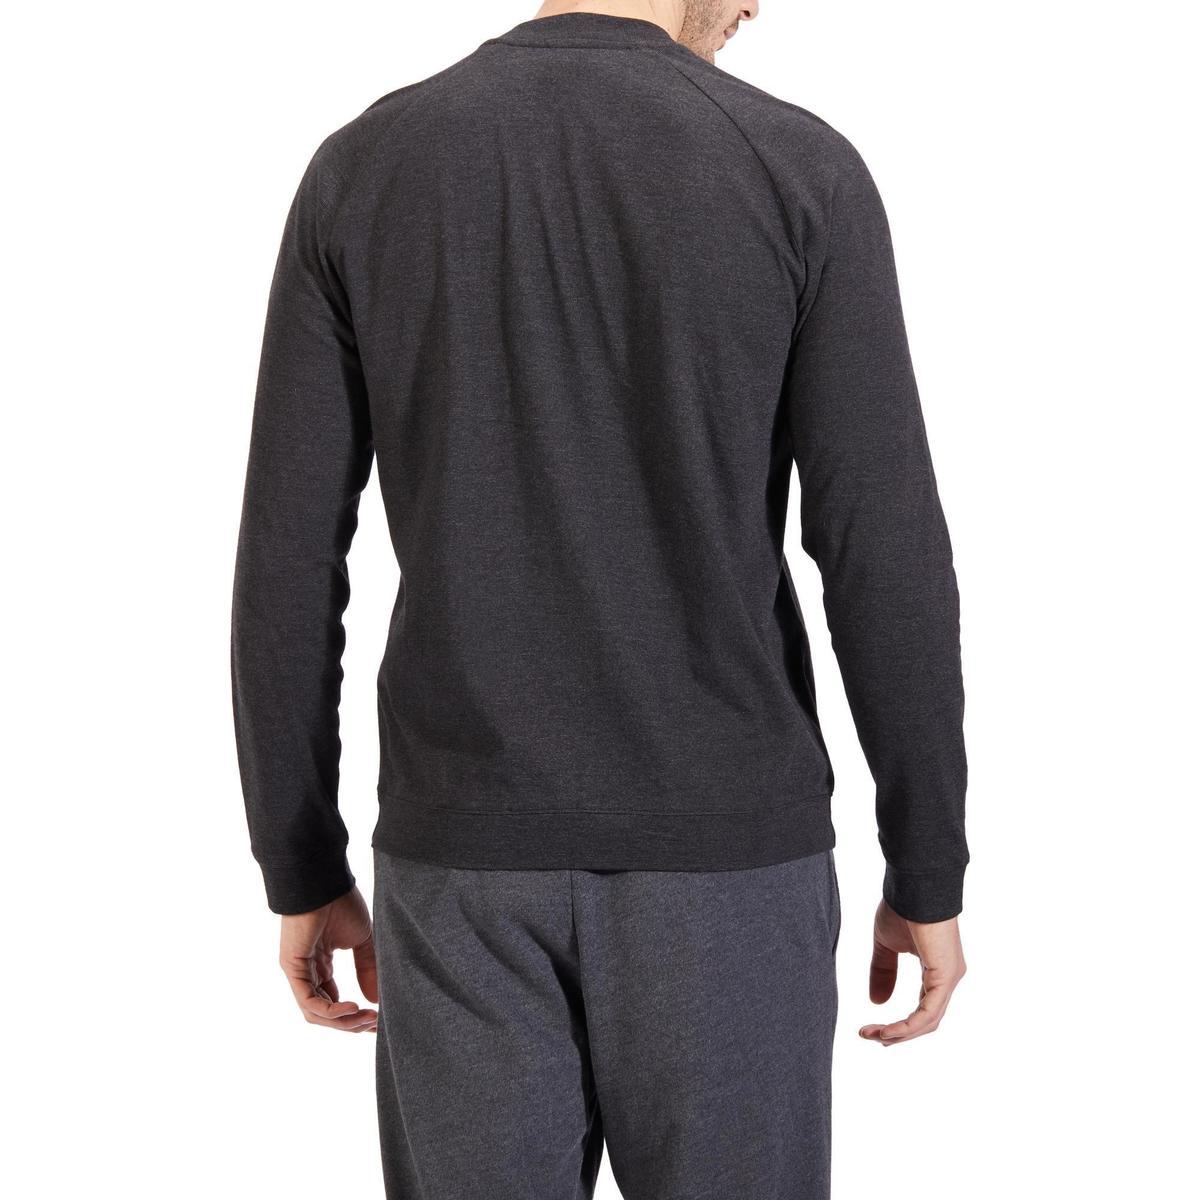 Bild 5 von Trainingsjacke Gym 100 Stretching Herren grau